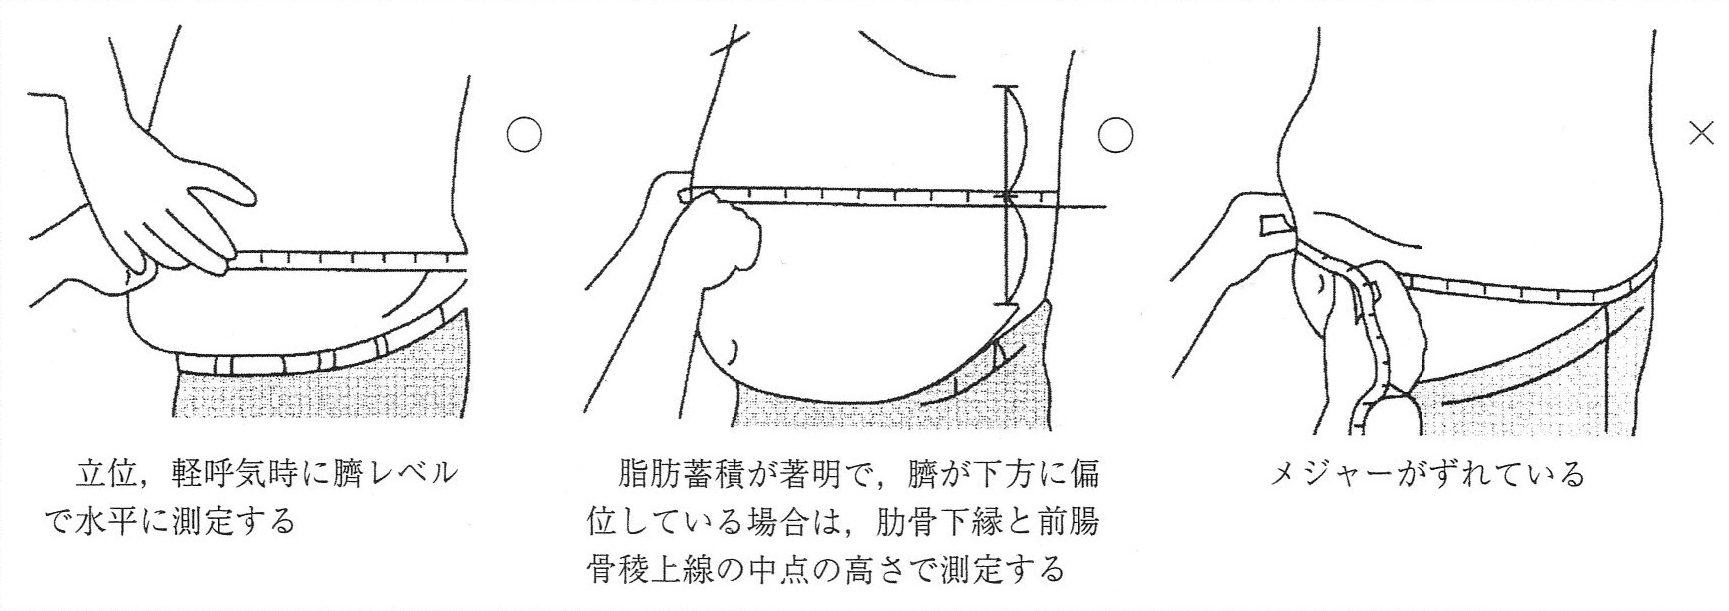 腹囲の測定方法